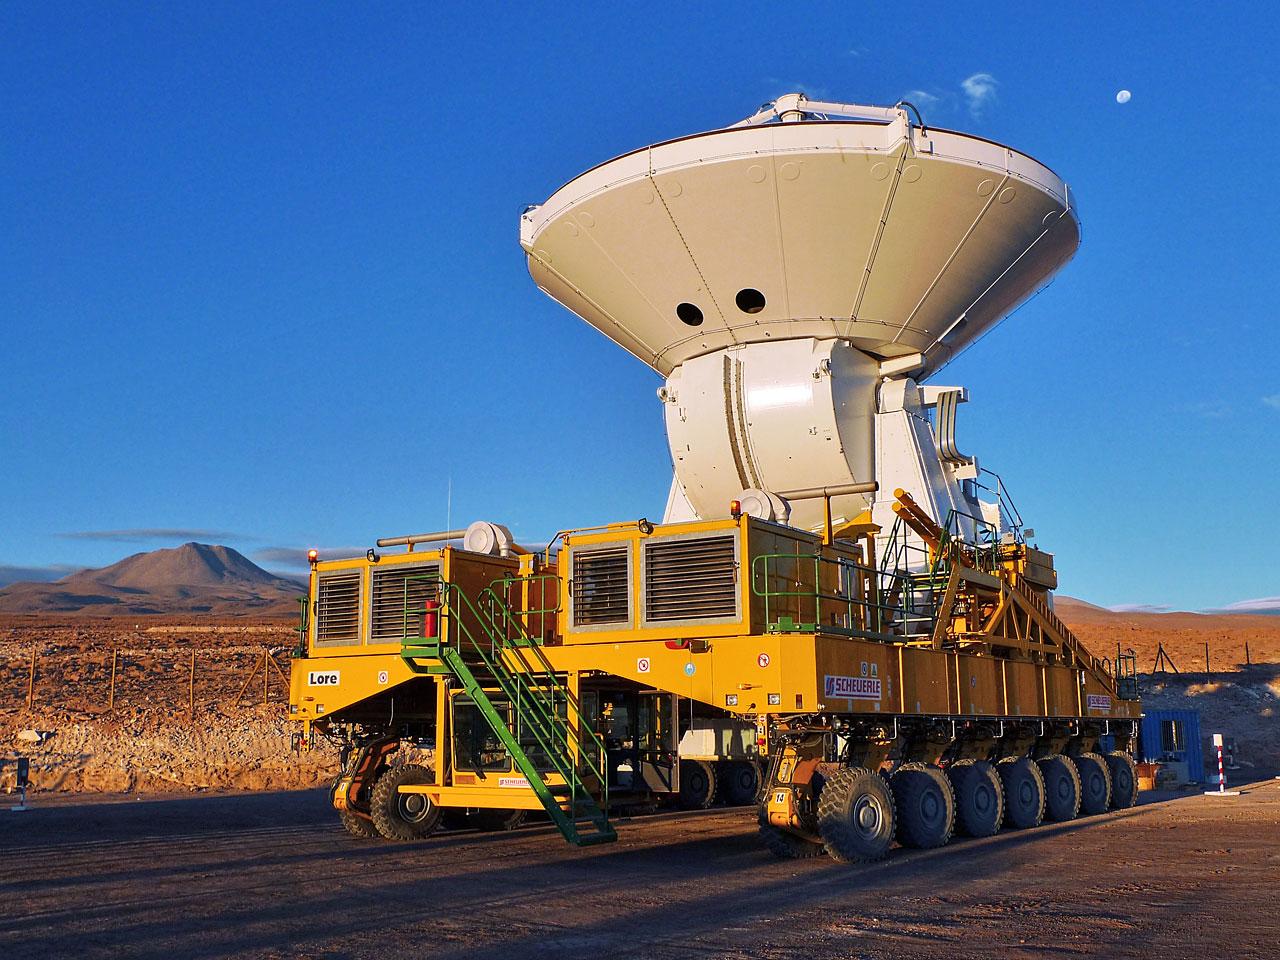 A European ALMA antenna takes a ride on a transporter